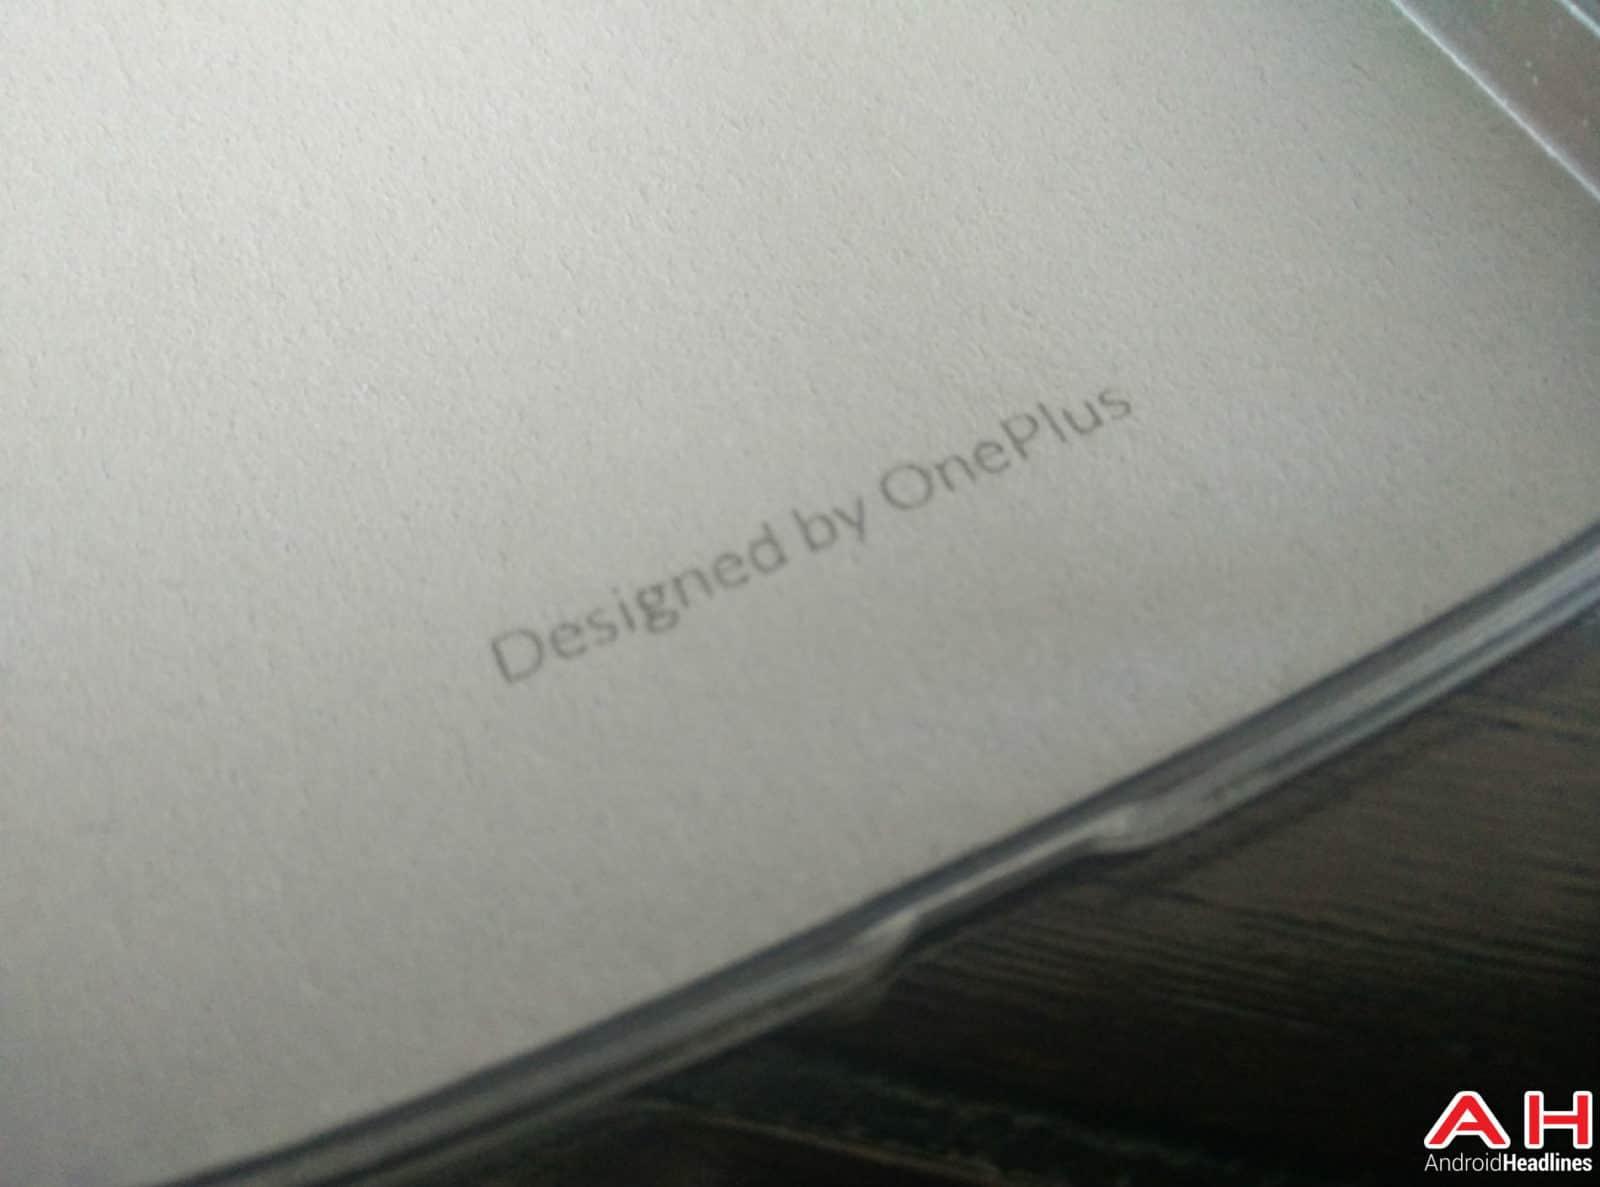 OnePlus Design AH